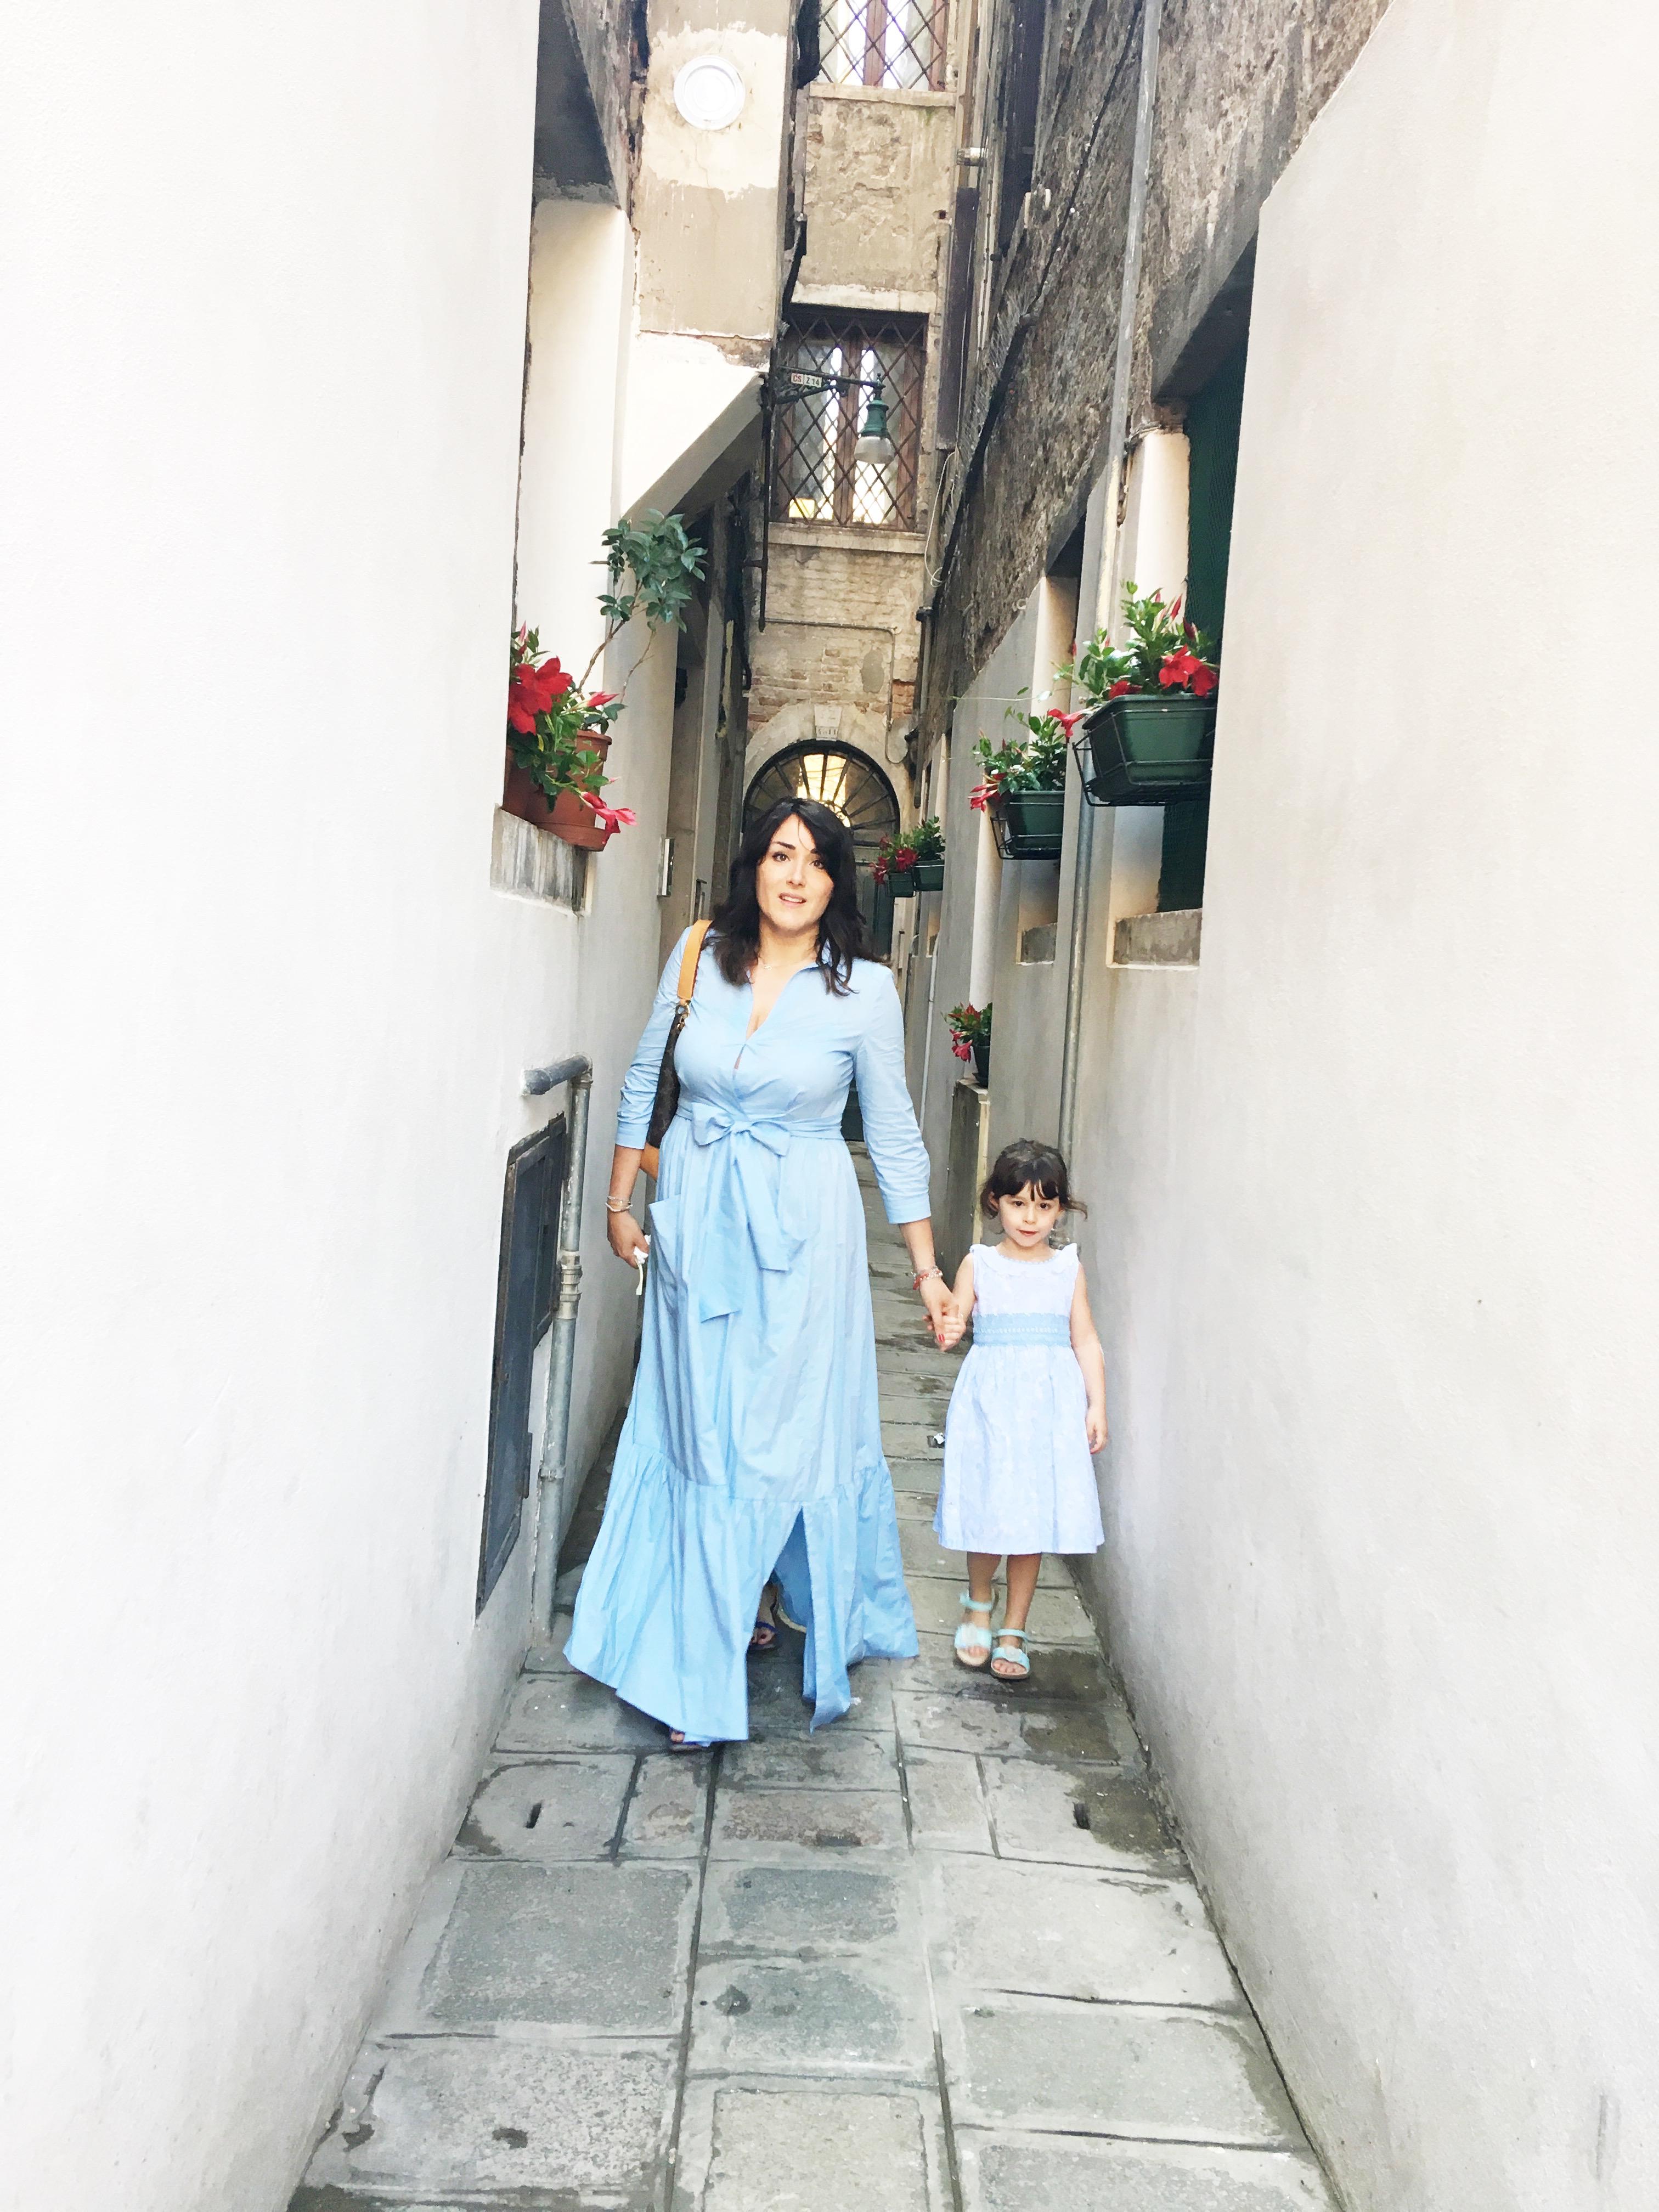 passeggiando per Venezia, io e te